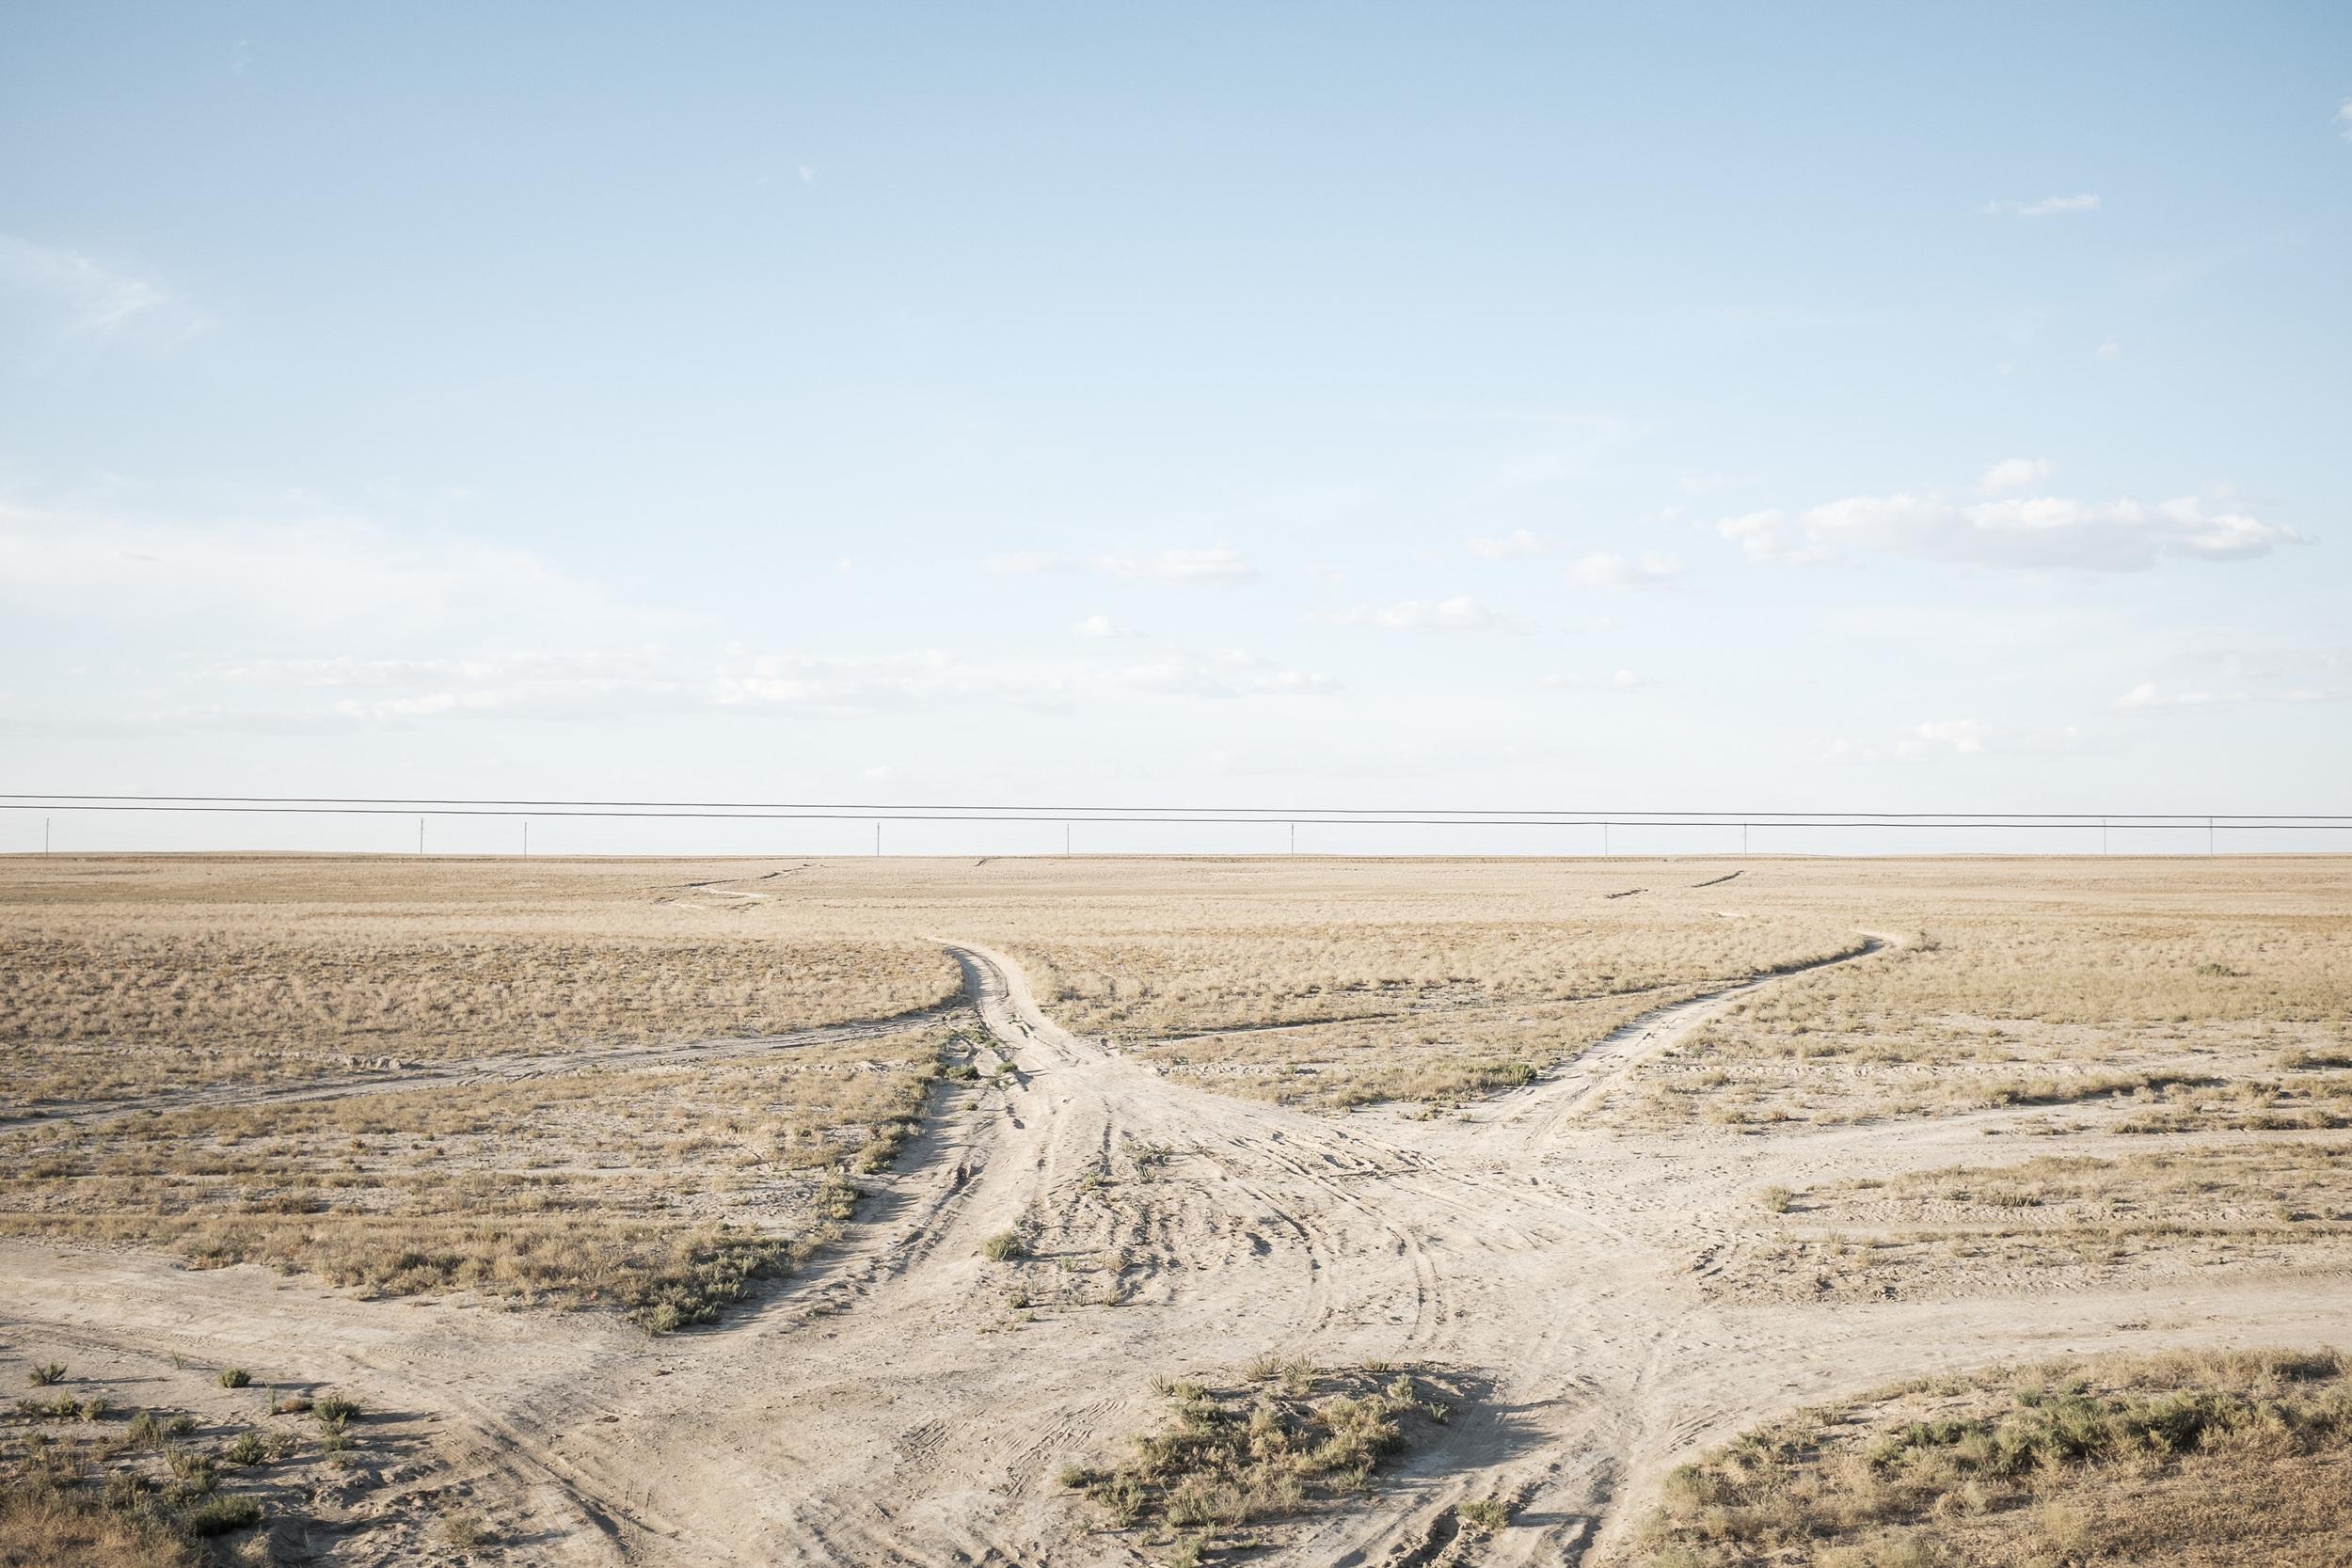 Ordinary landscape in South-West Kazakhstan.